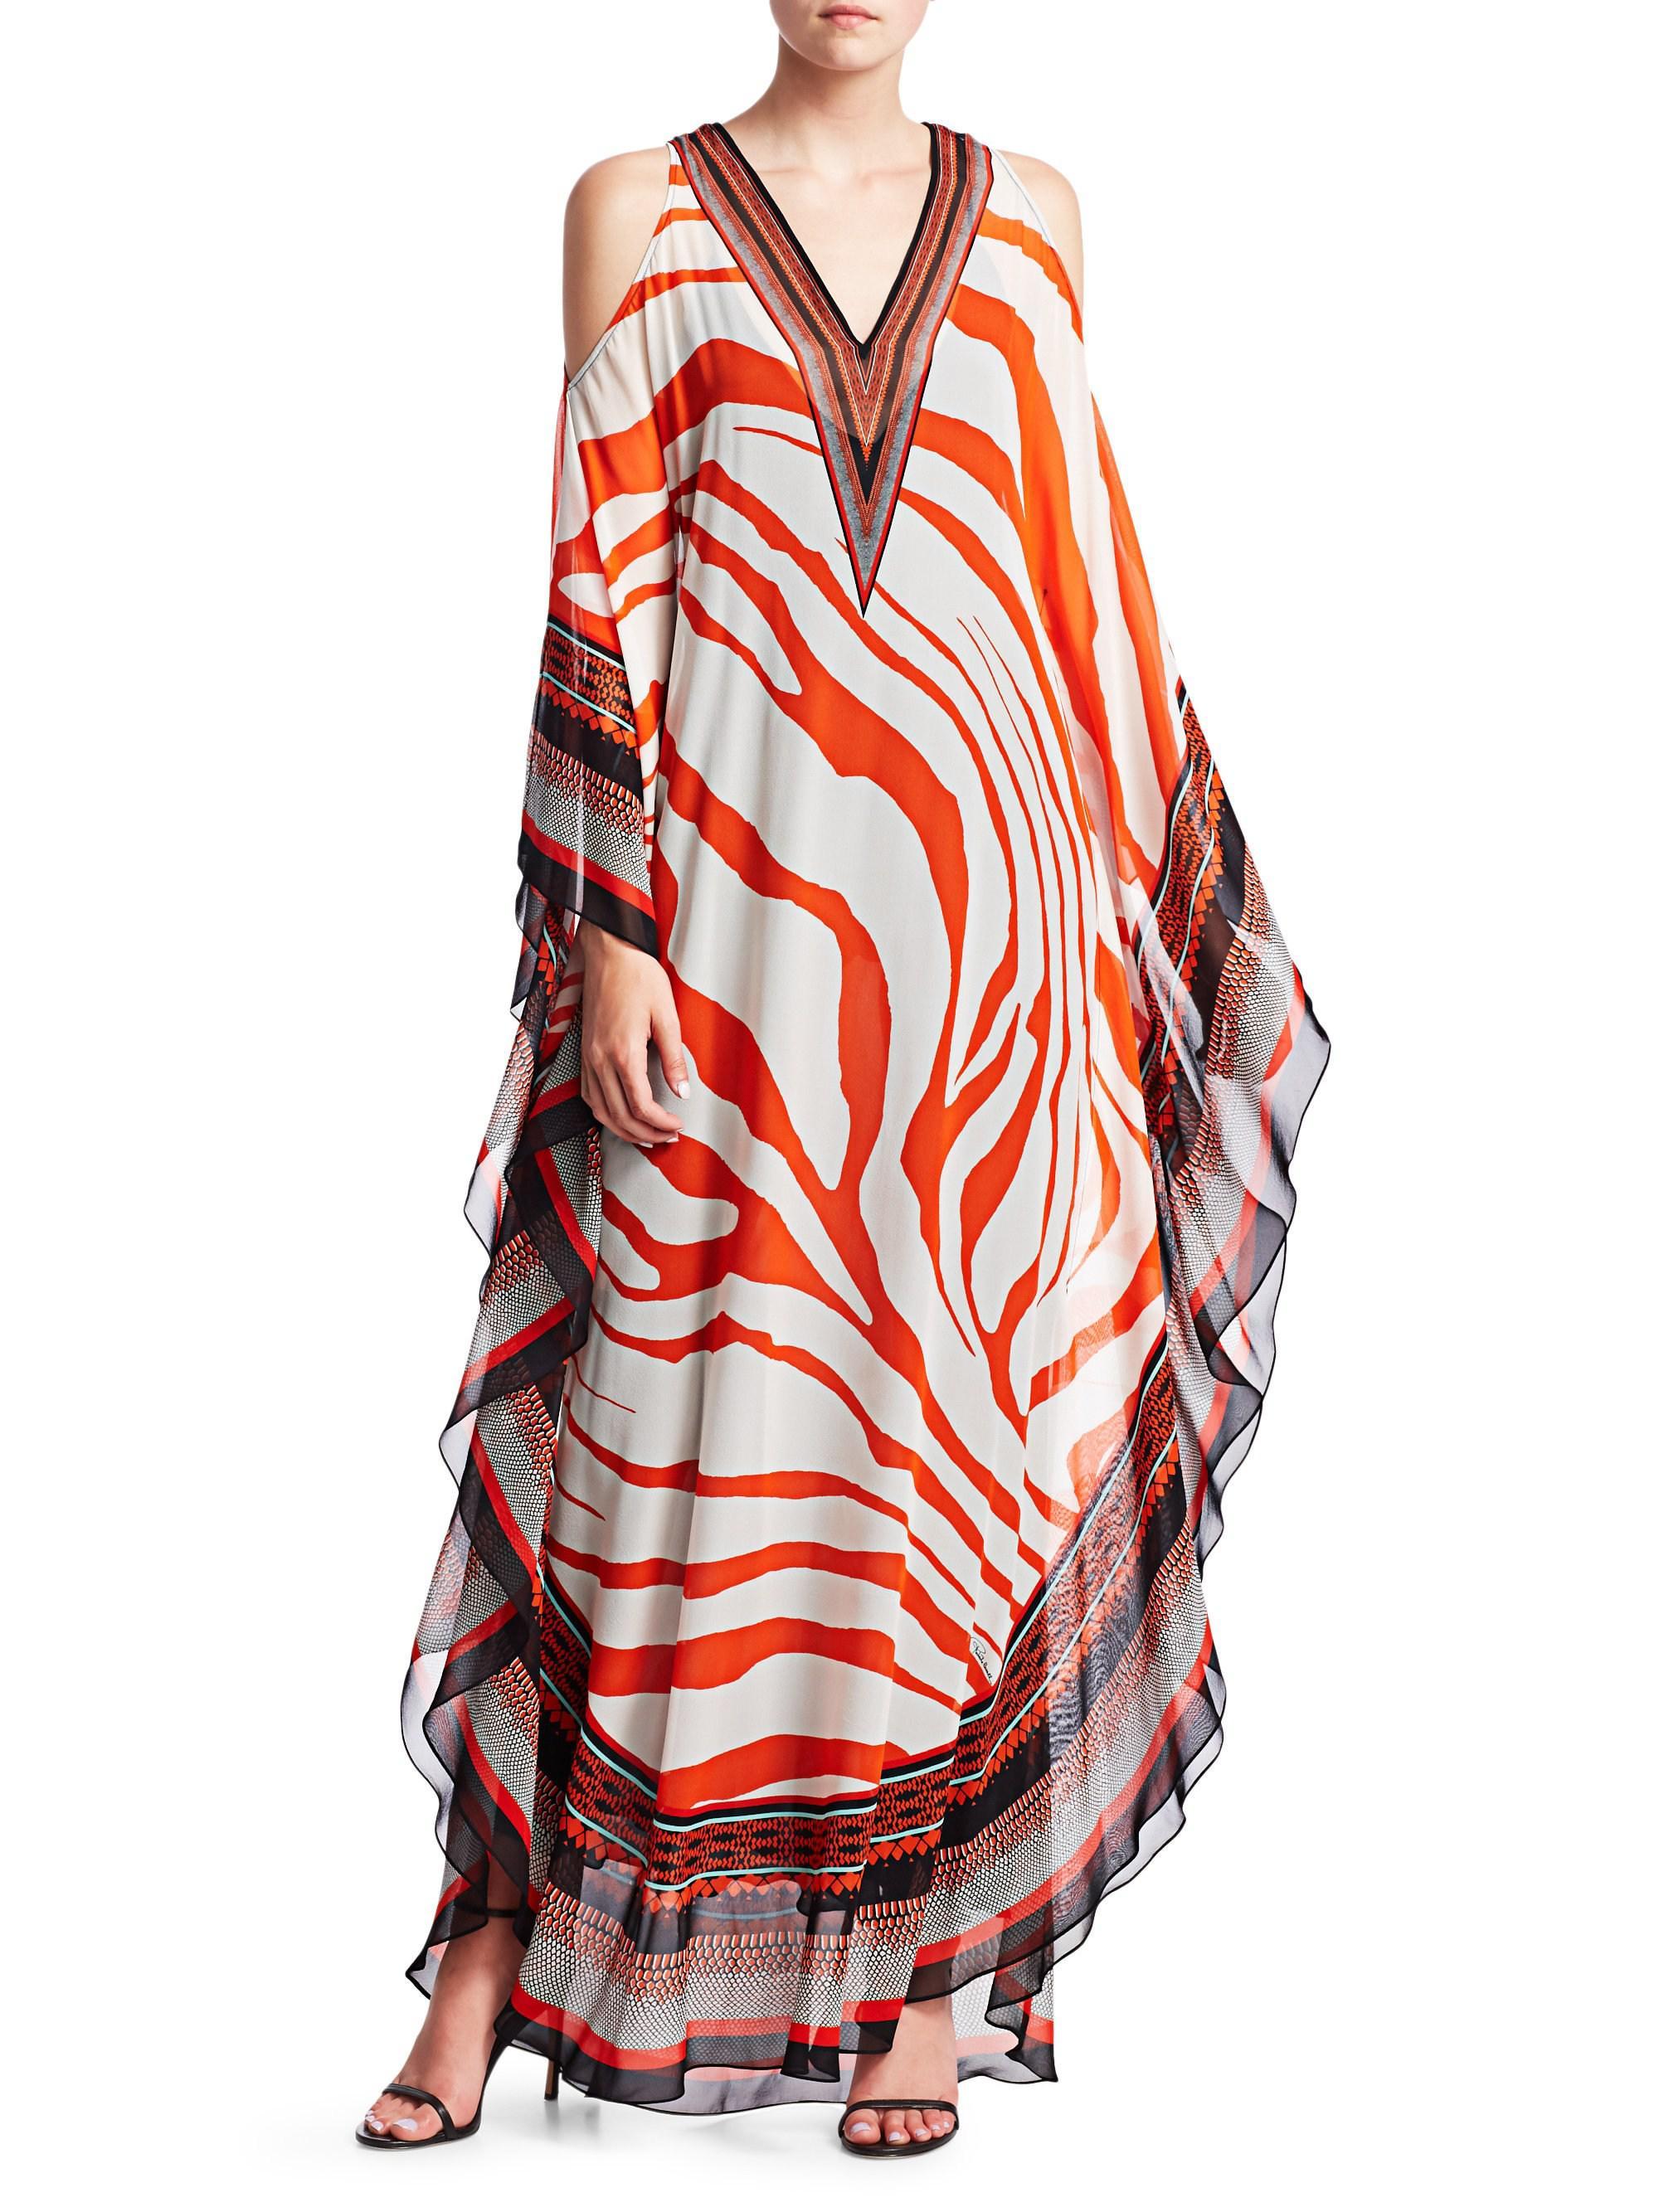 0c39210a628c3 Roberto Cavalli Cold-shoulder Zebra Print Caftan in Red - Lyst